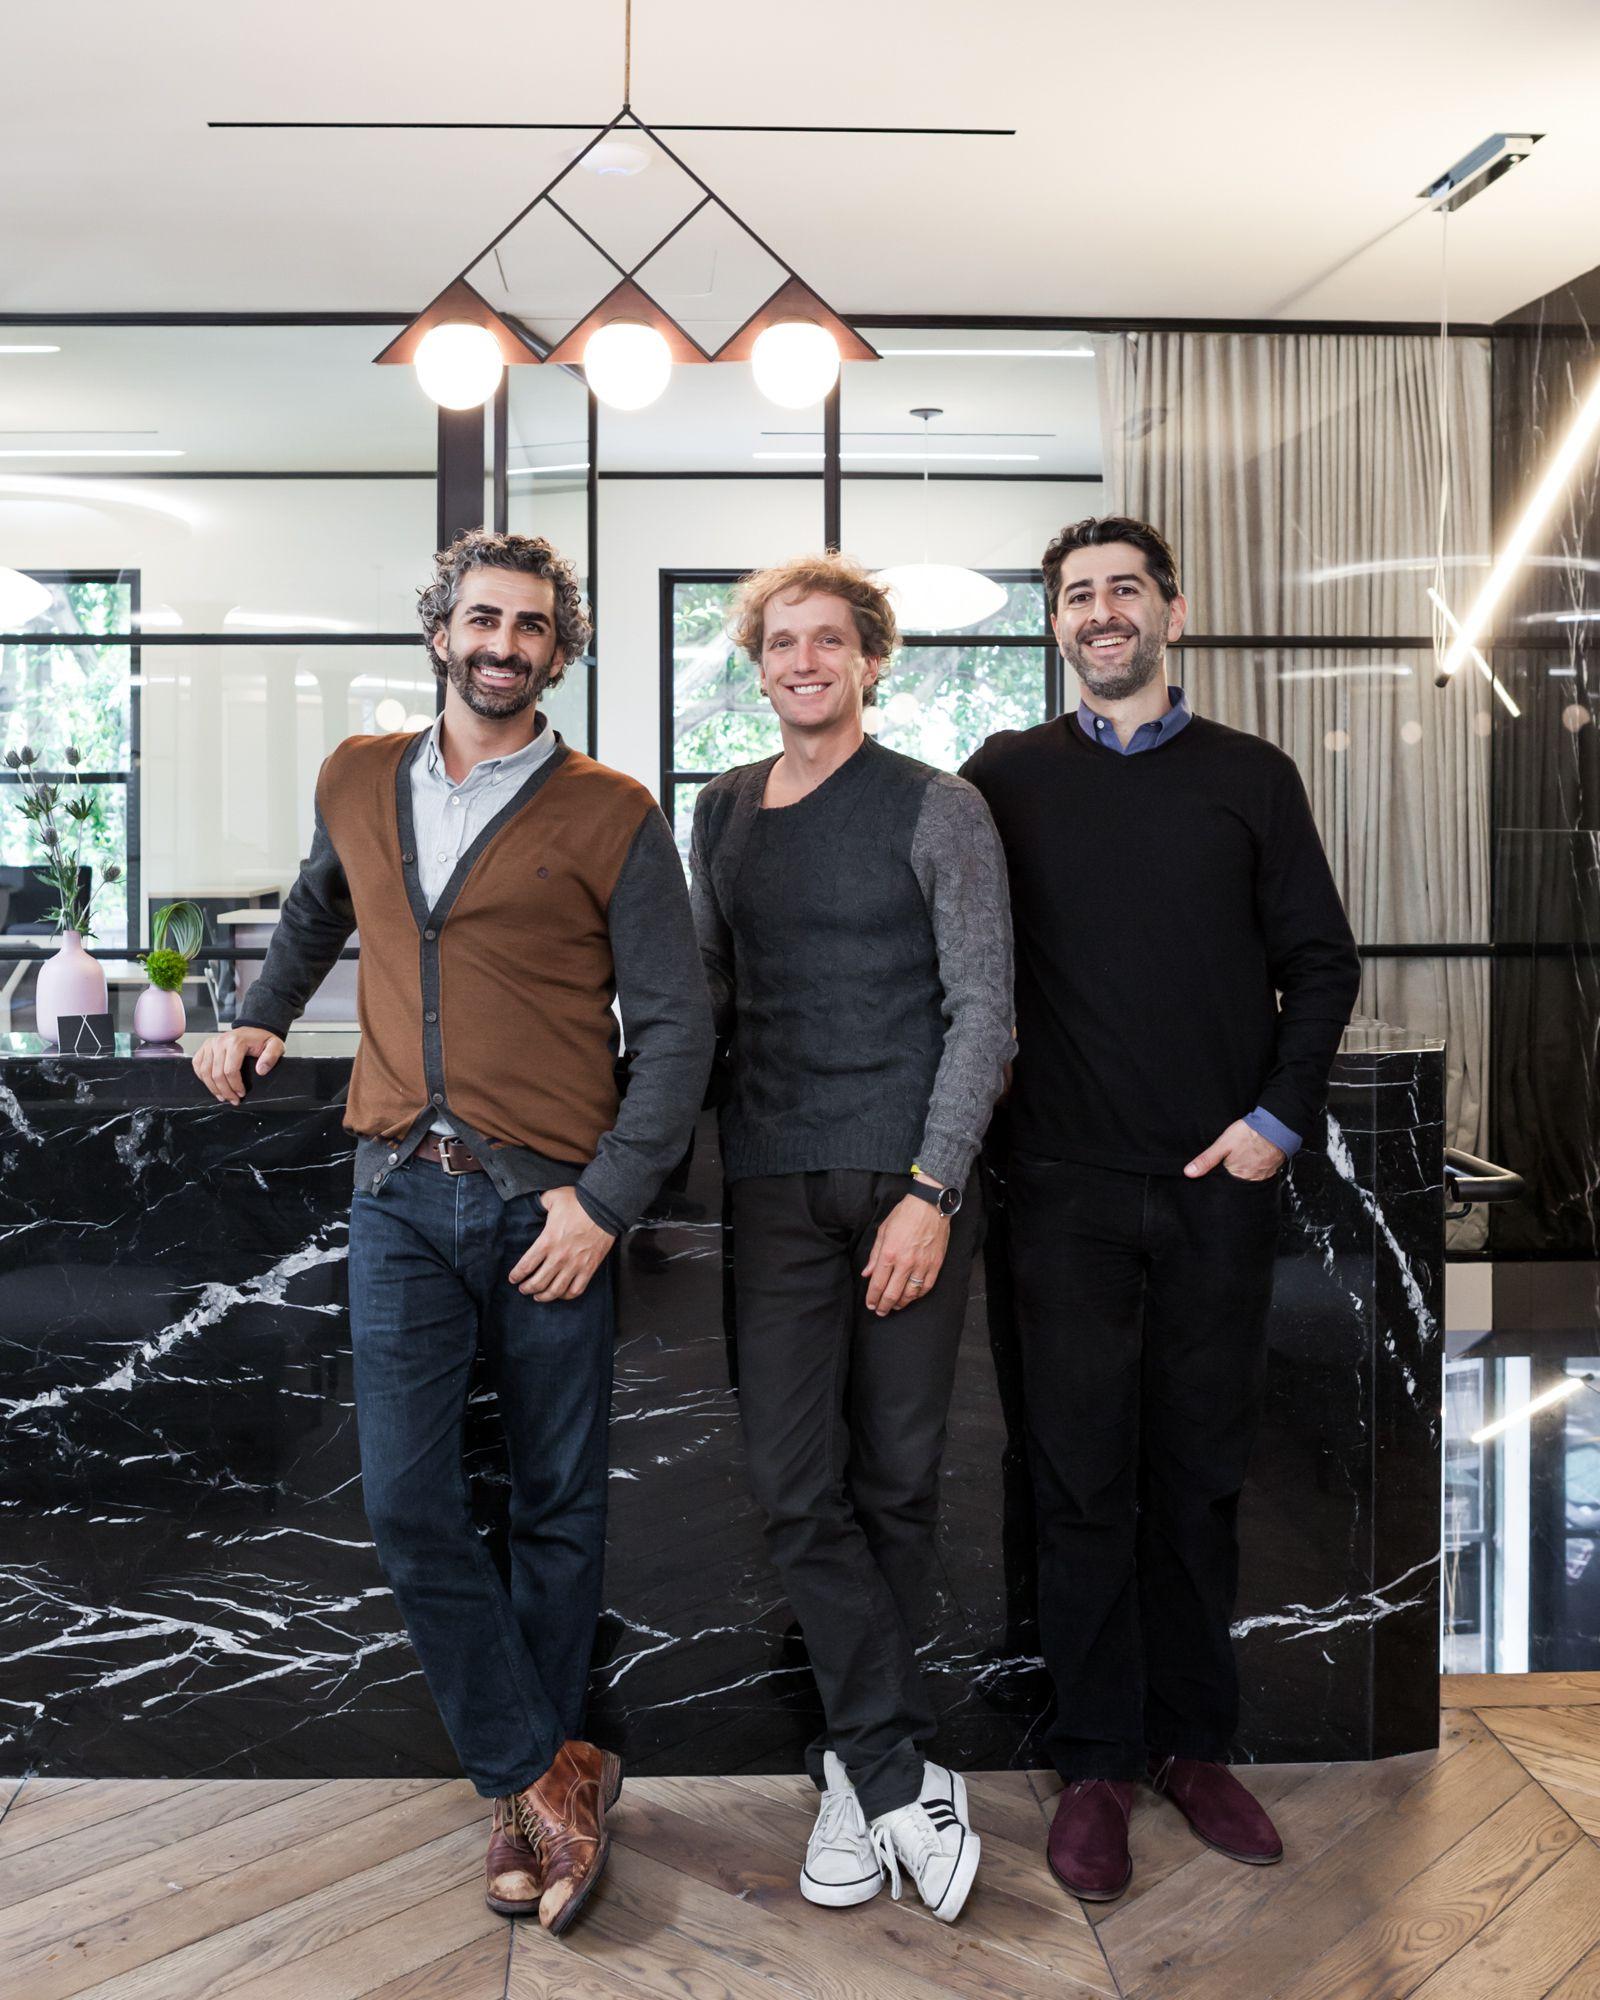 Canopy founders Amir Mortazavi, Yves Béhar, and Steve Mohebi.